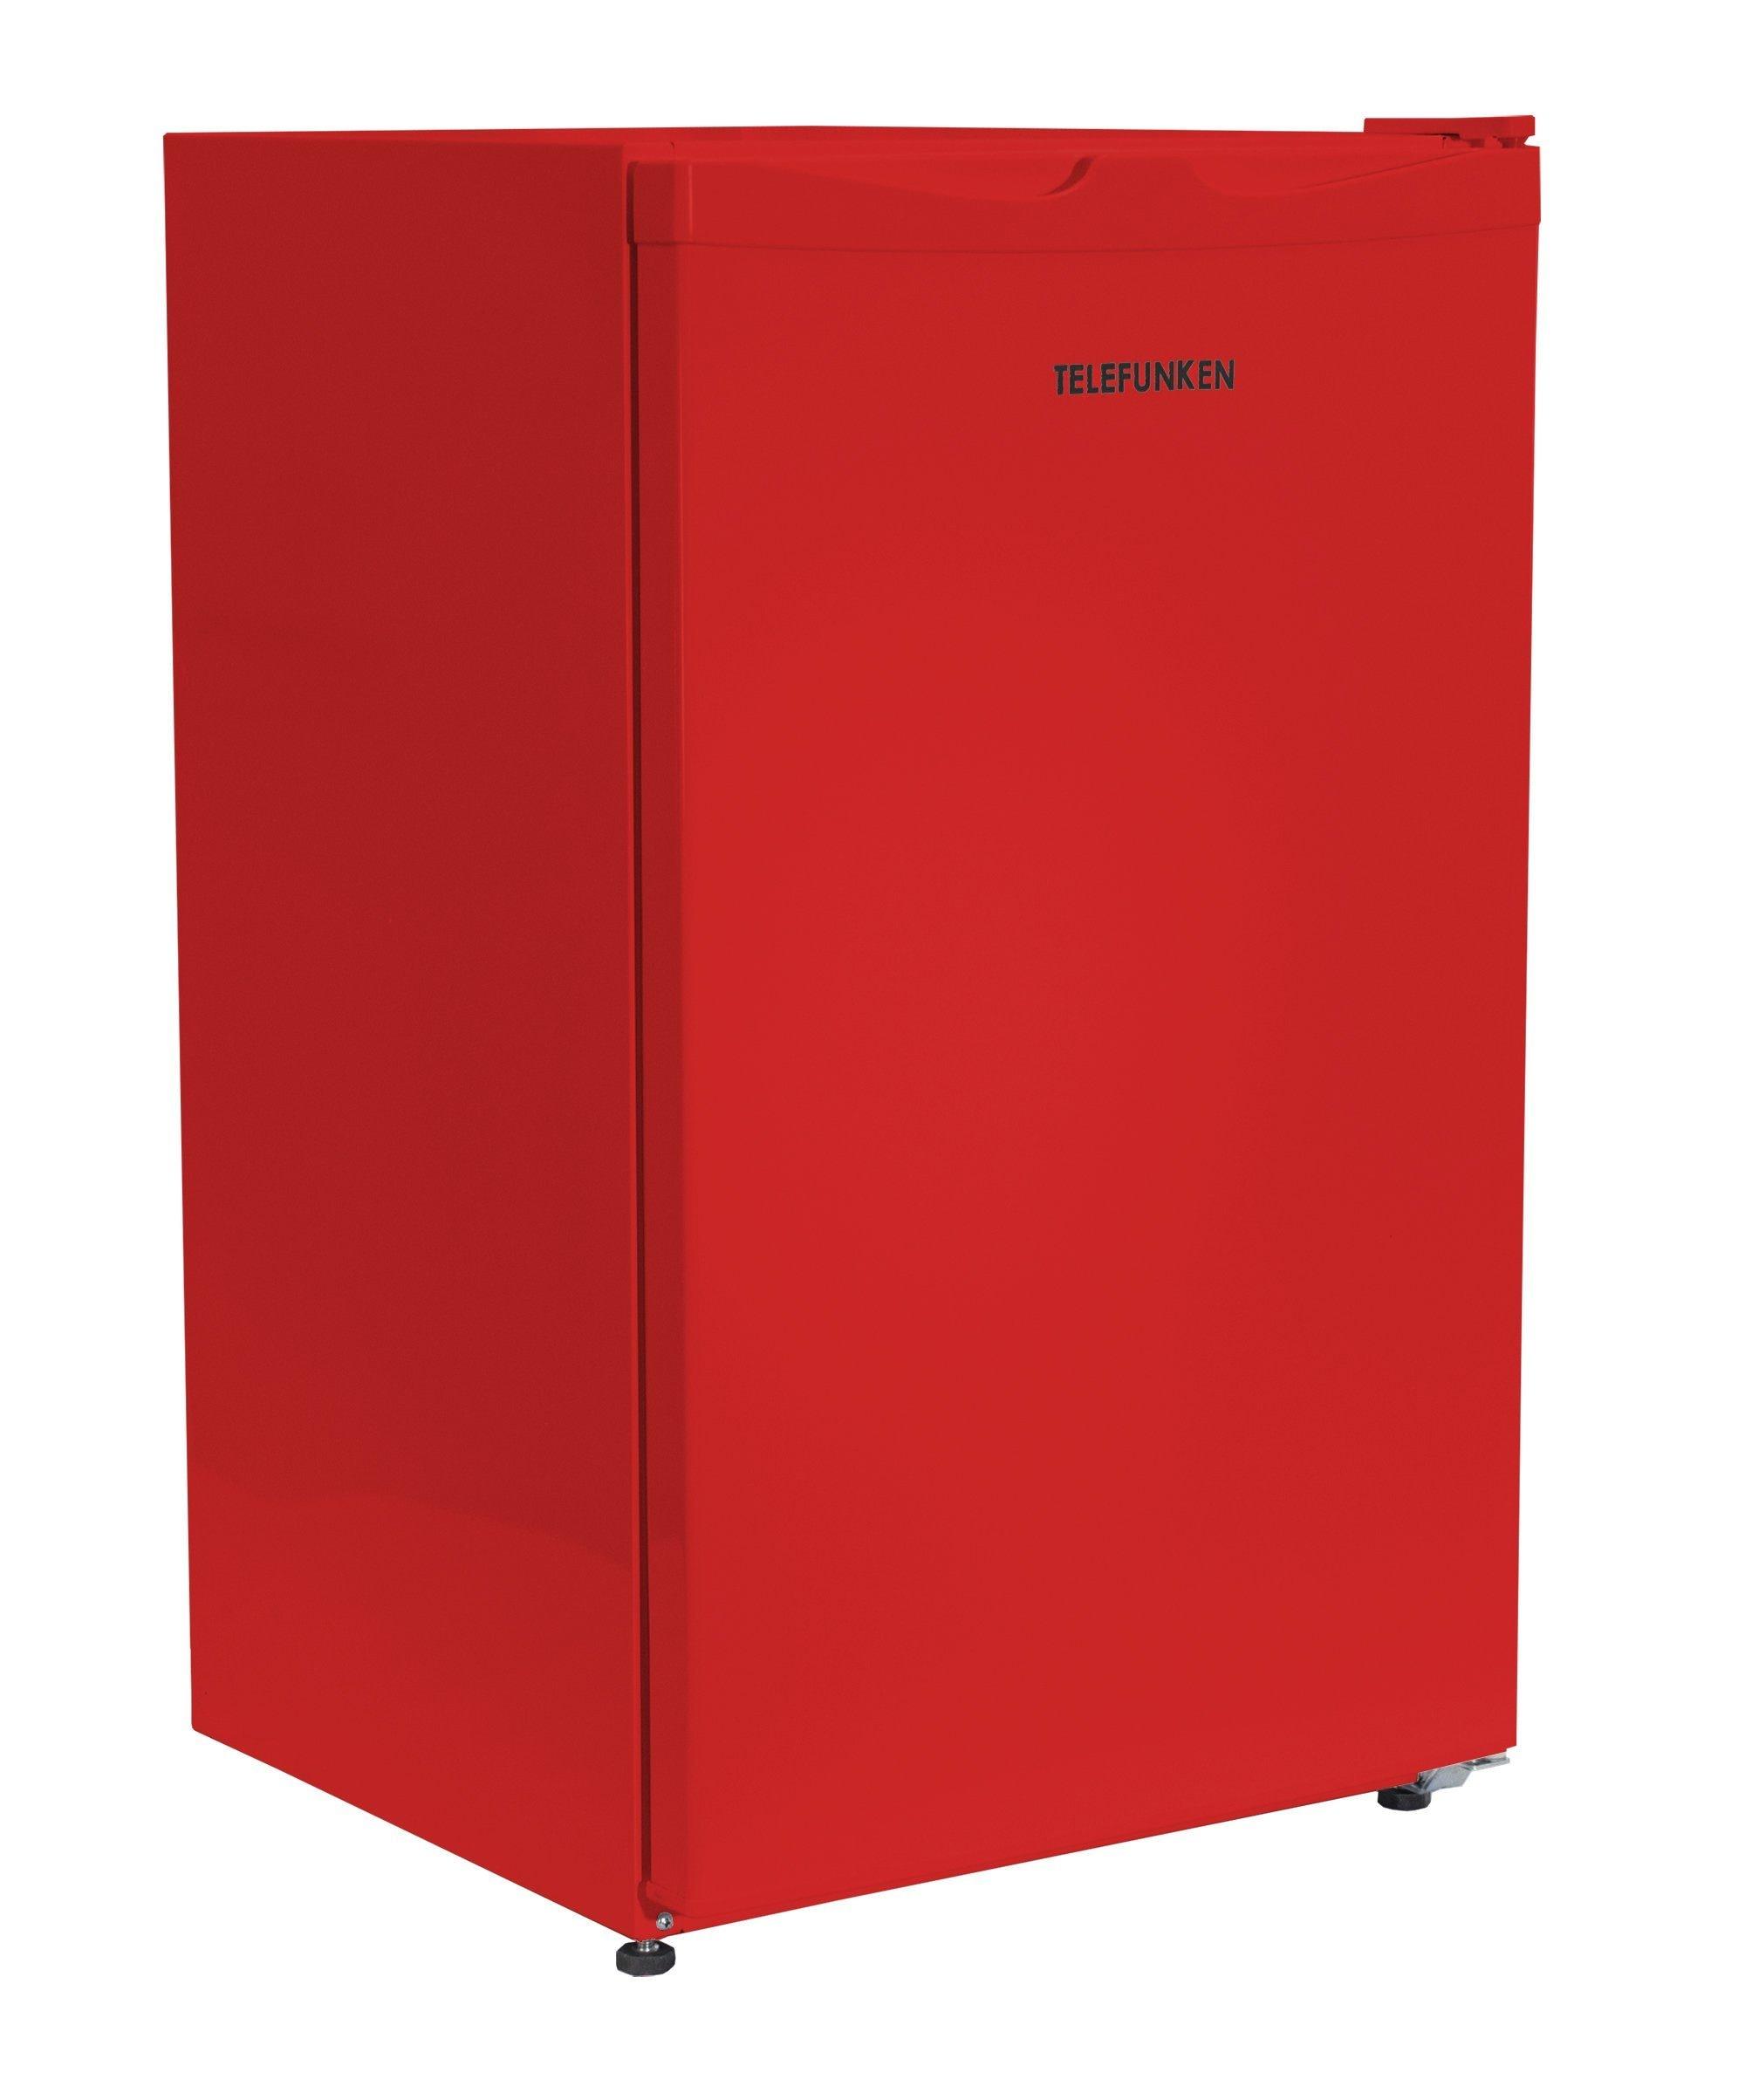 Amica Kühlschrank Ks 15453 : Telefunken kühlschrank liter rot cf r« kaufen baur